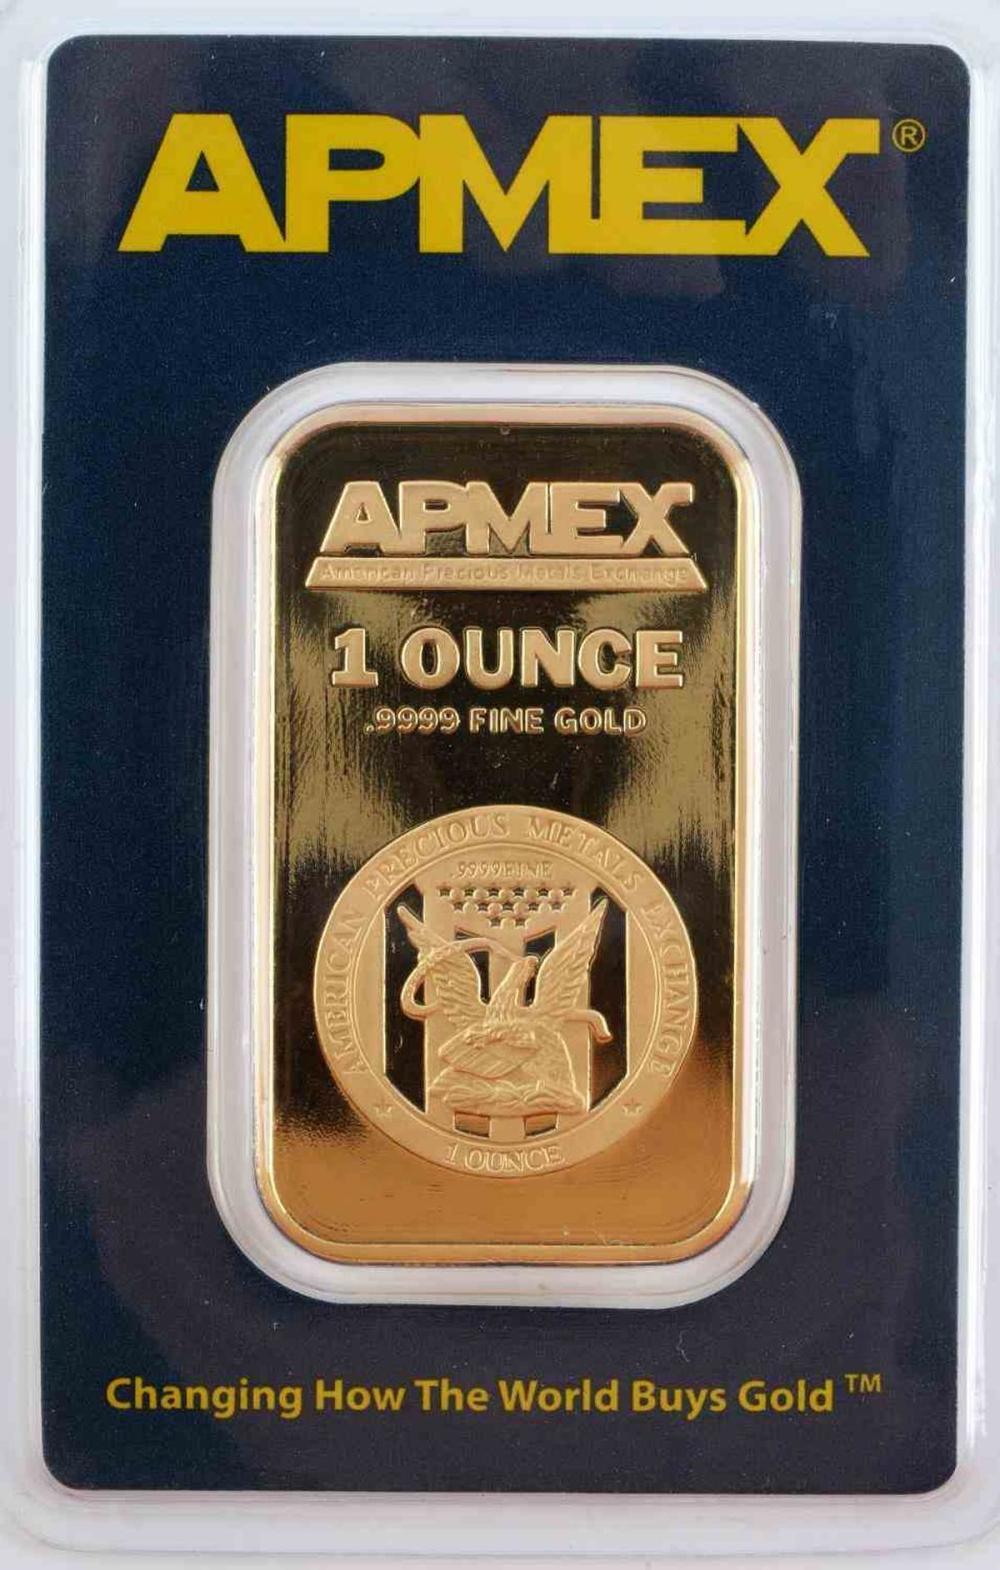 APMEX 1 OUNCE 999 FINE GOLD BAR